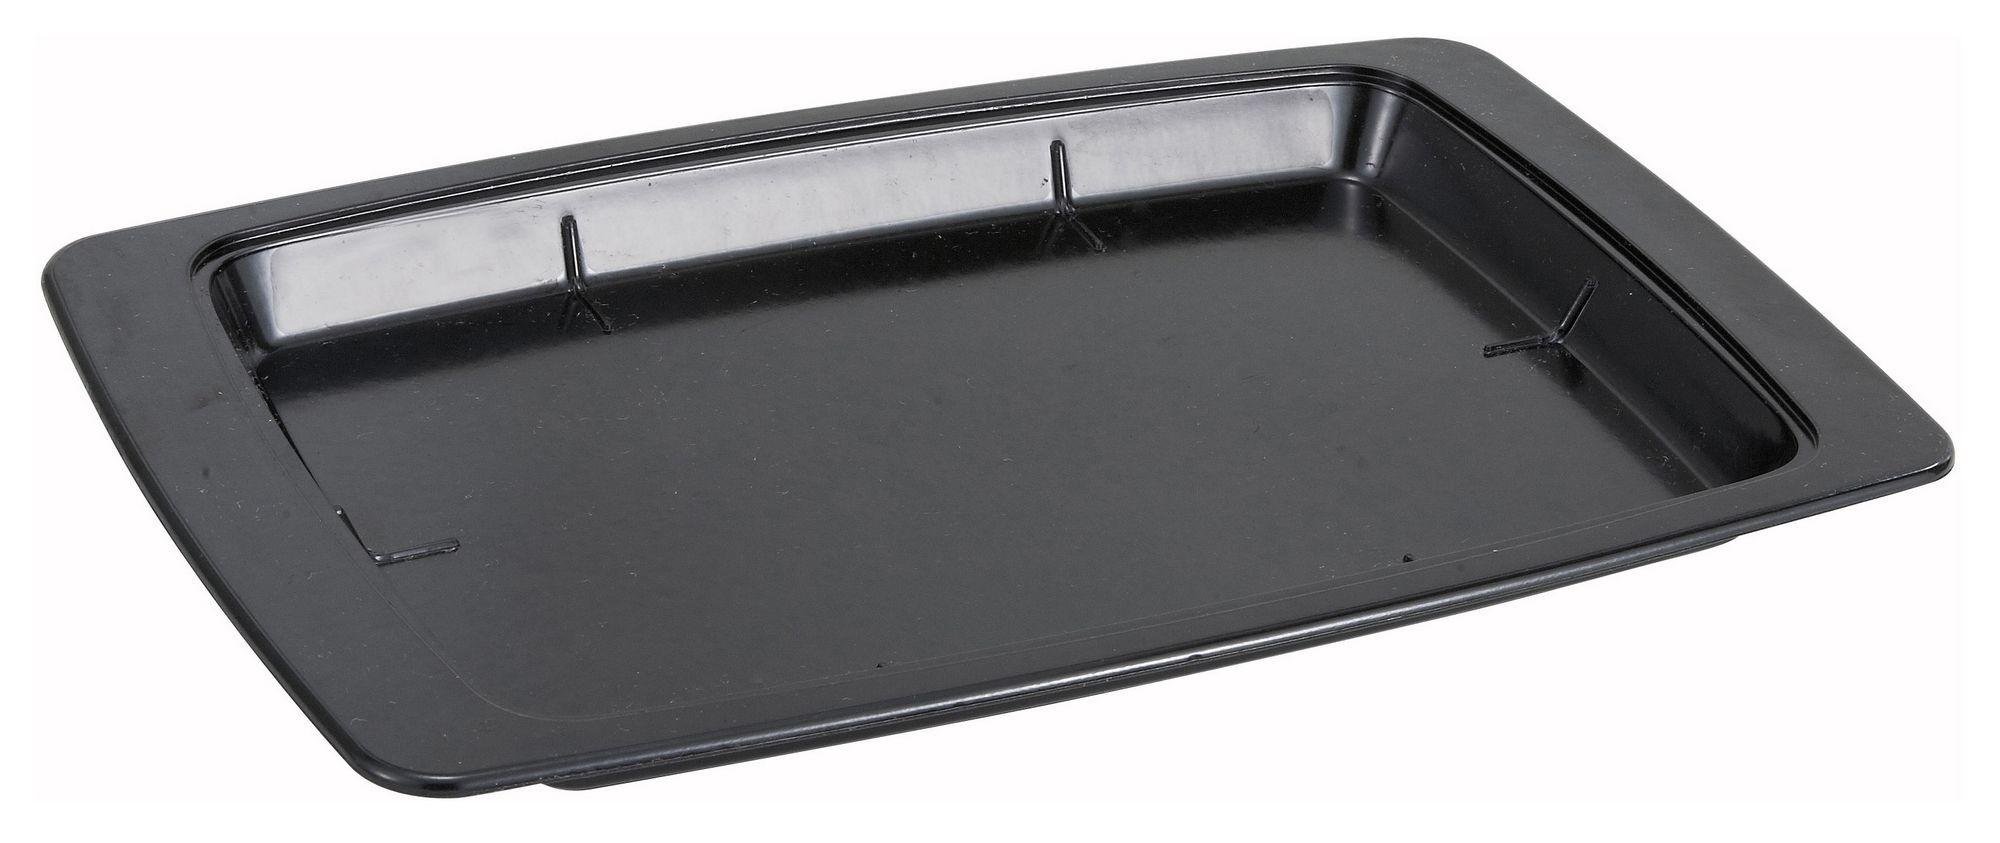 Winco SWU-11B Oblong Underliner for Stainless Steel Sizzling Platter